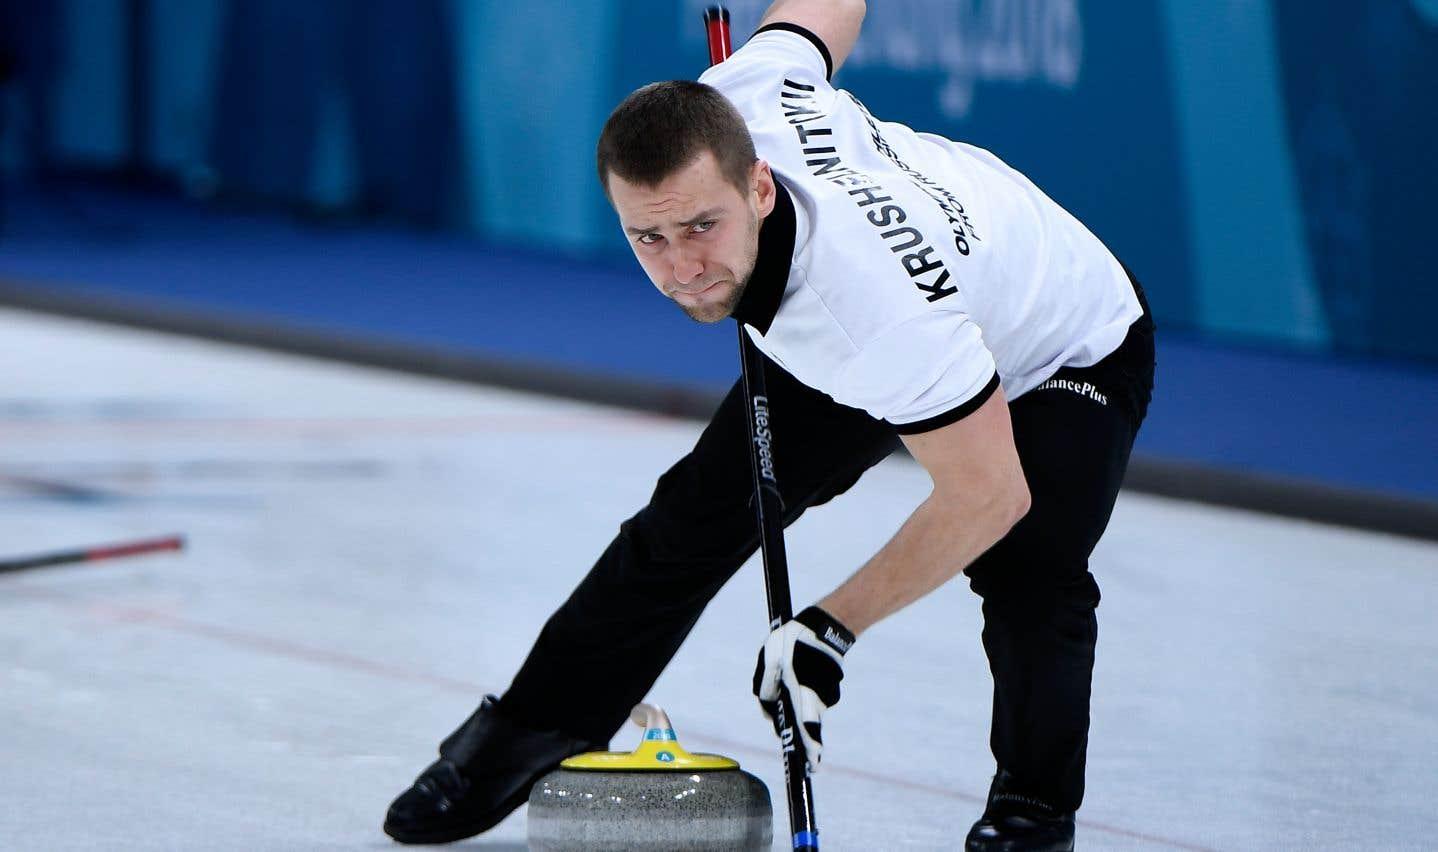 Le joueur de curling russe Alexander Krushelnitsky